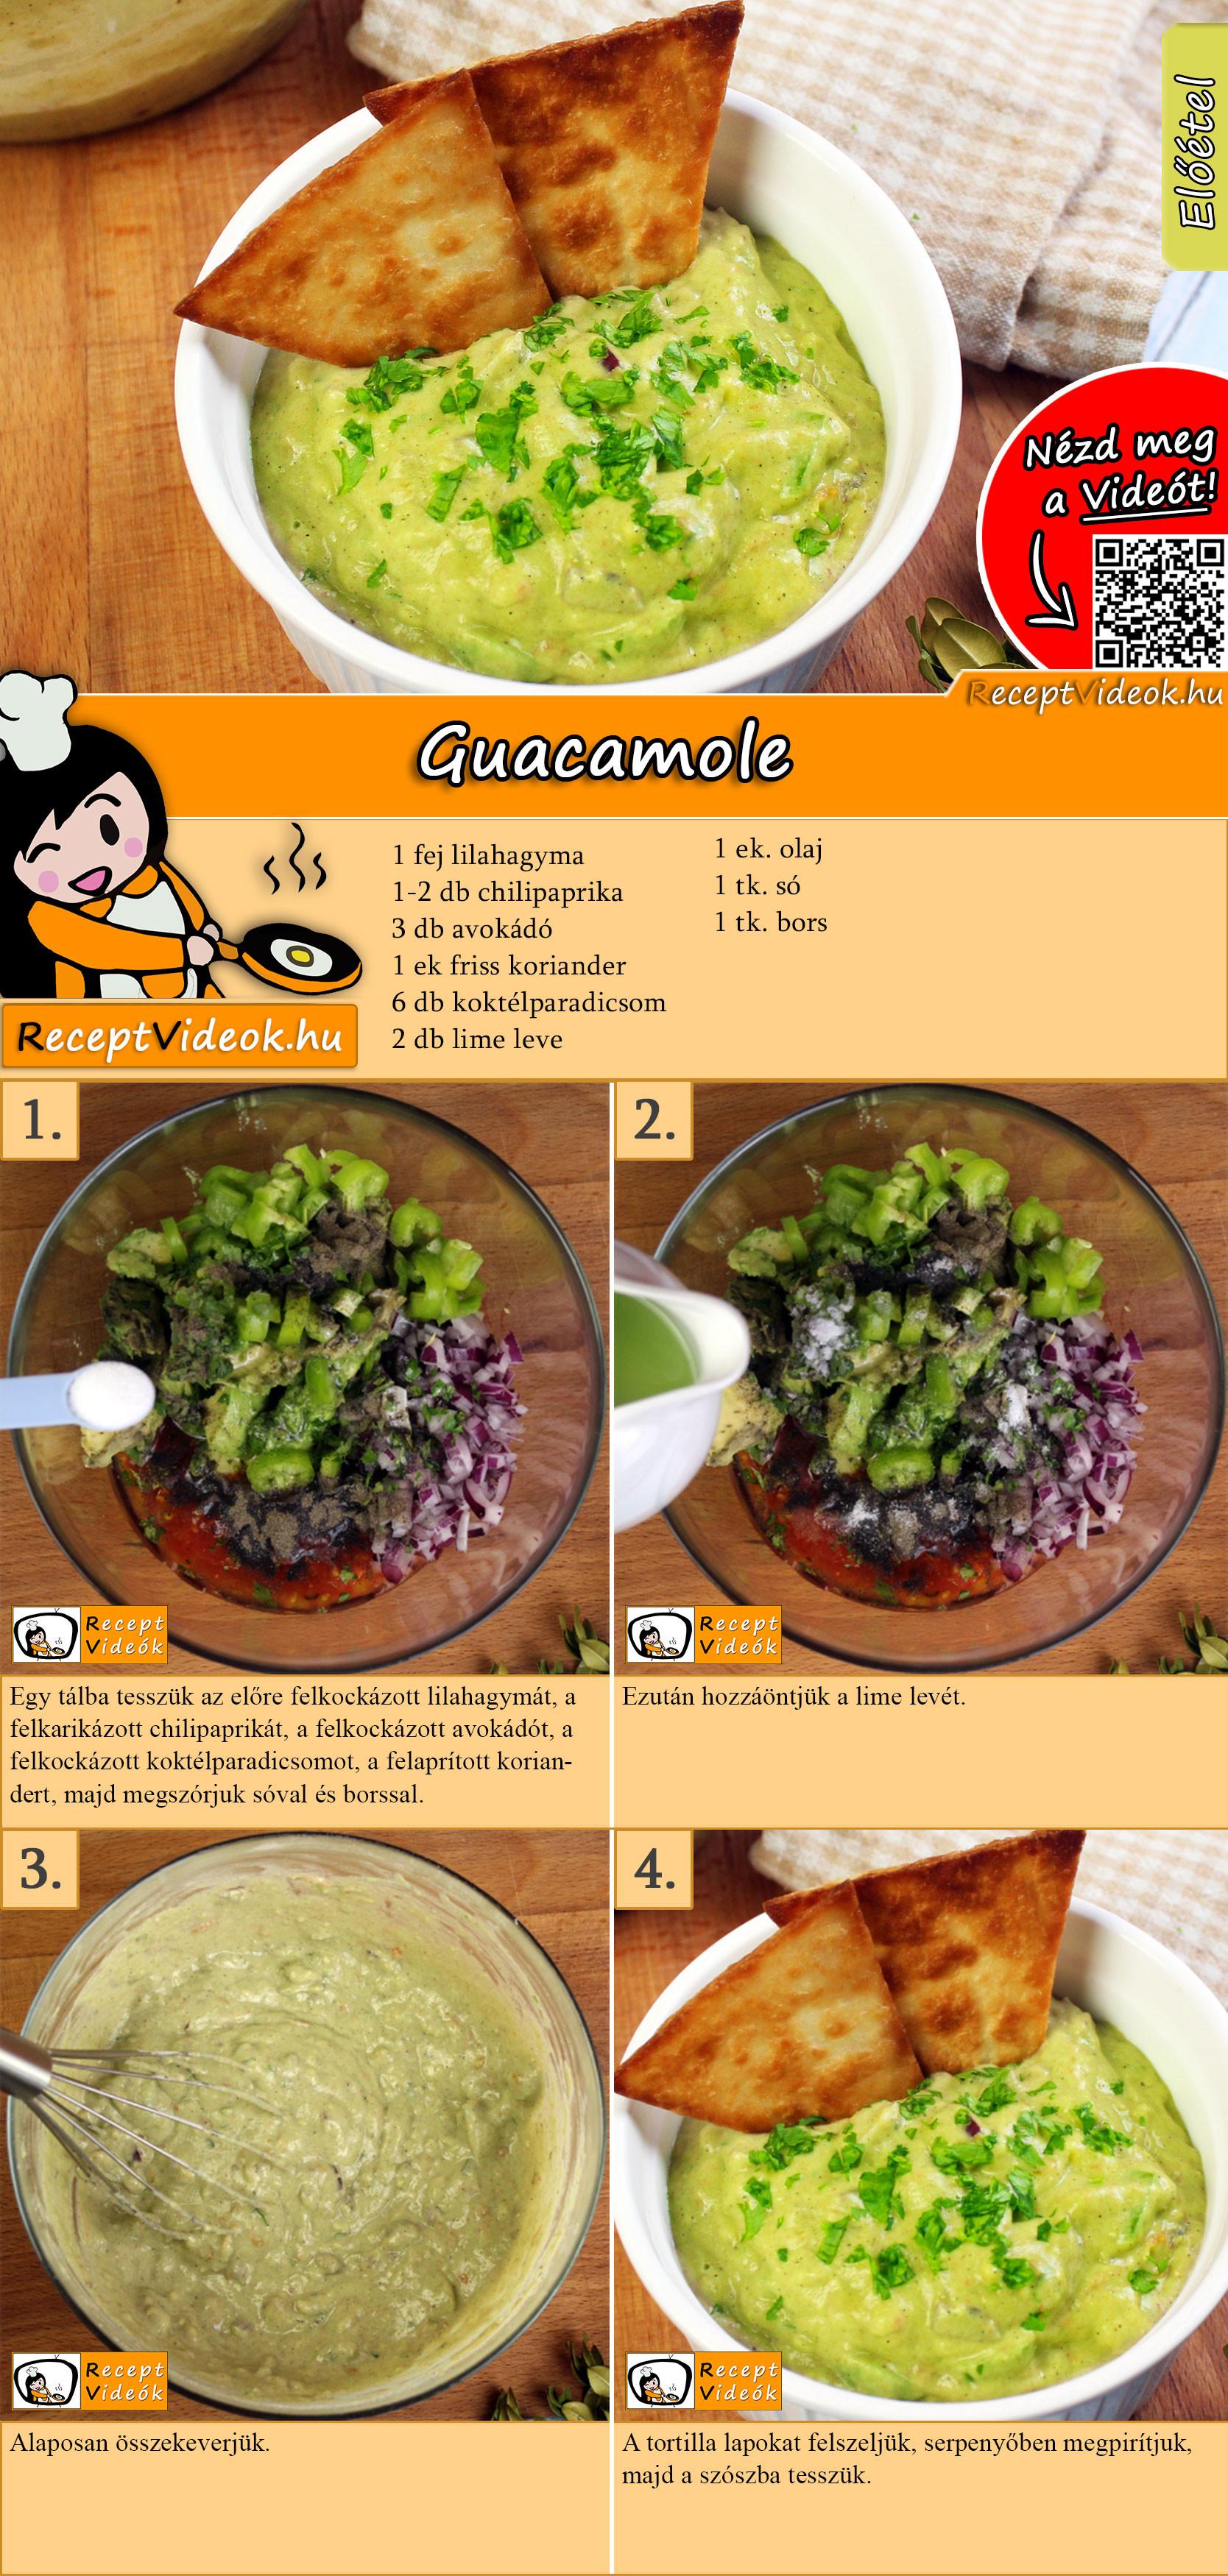 Guacamole recept elkészítése videóval